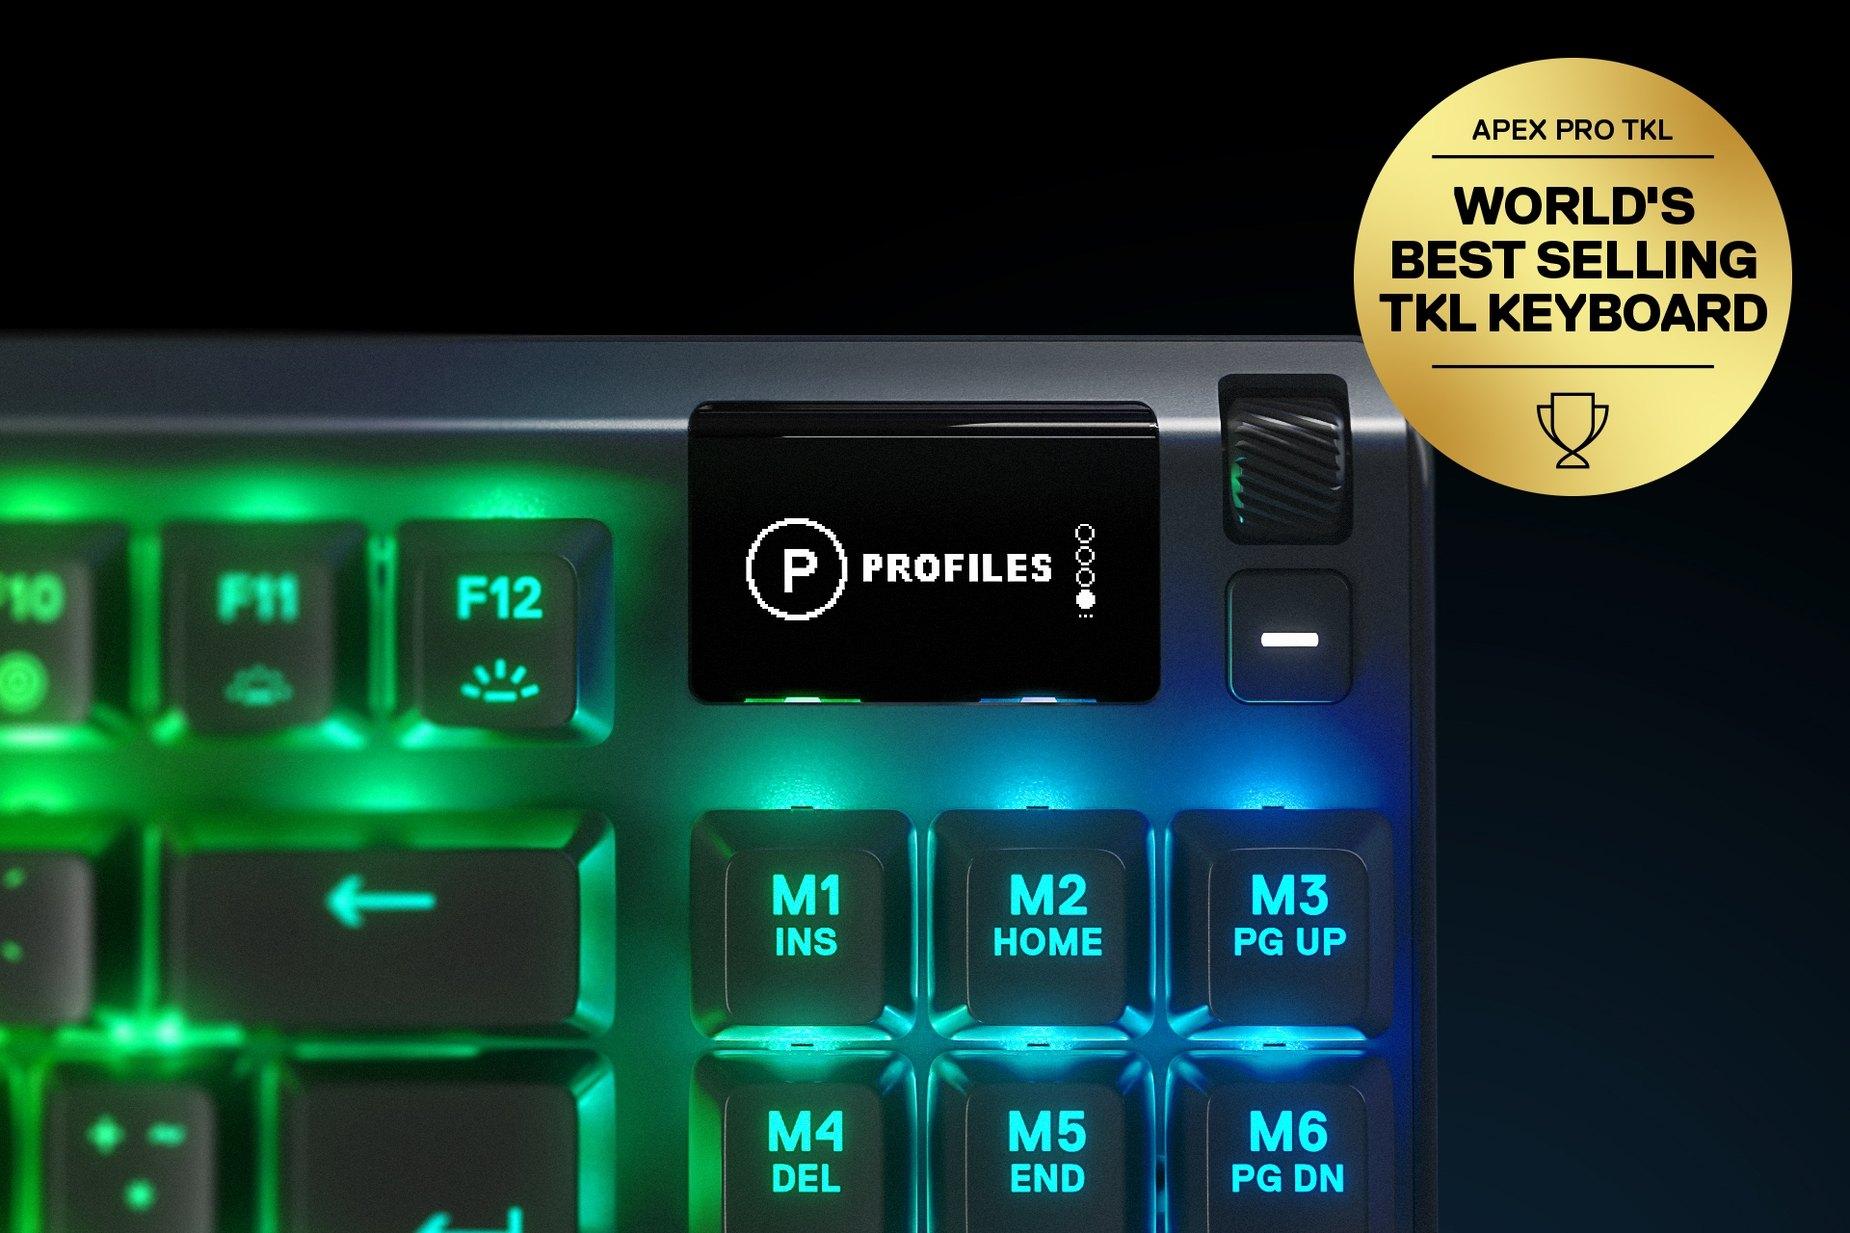 放大德文版上的多媒體和設定控制音量滾輪的檢視圖-Apex PRO TKL 遊戲鍵盤。鍵盤旁邊漂浮著金色獎盃,並具有文字「全球最暢銷 TKL 鍵盤」。